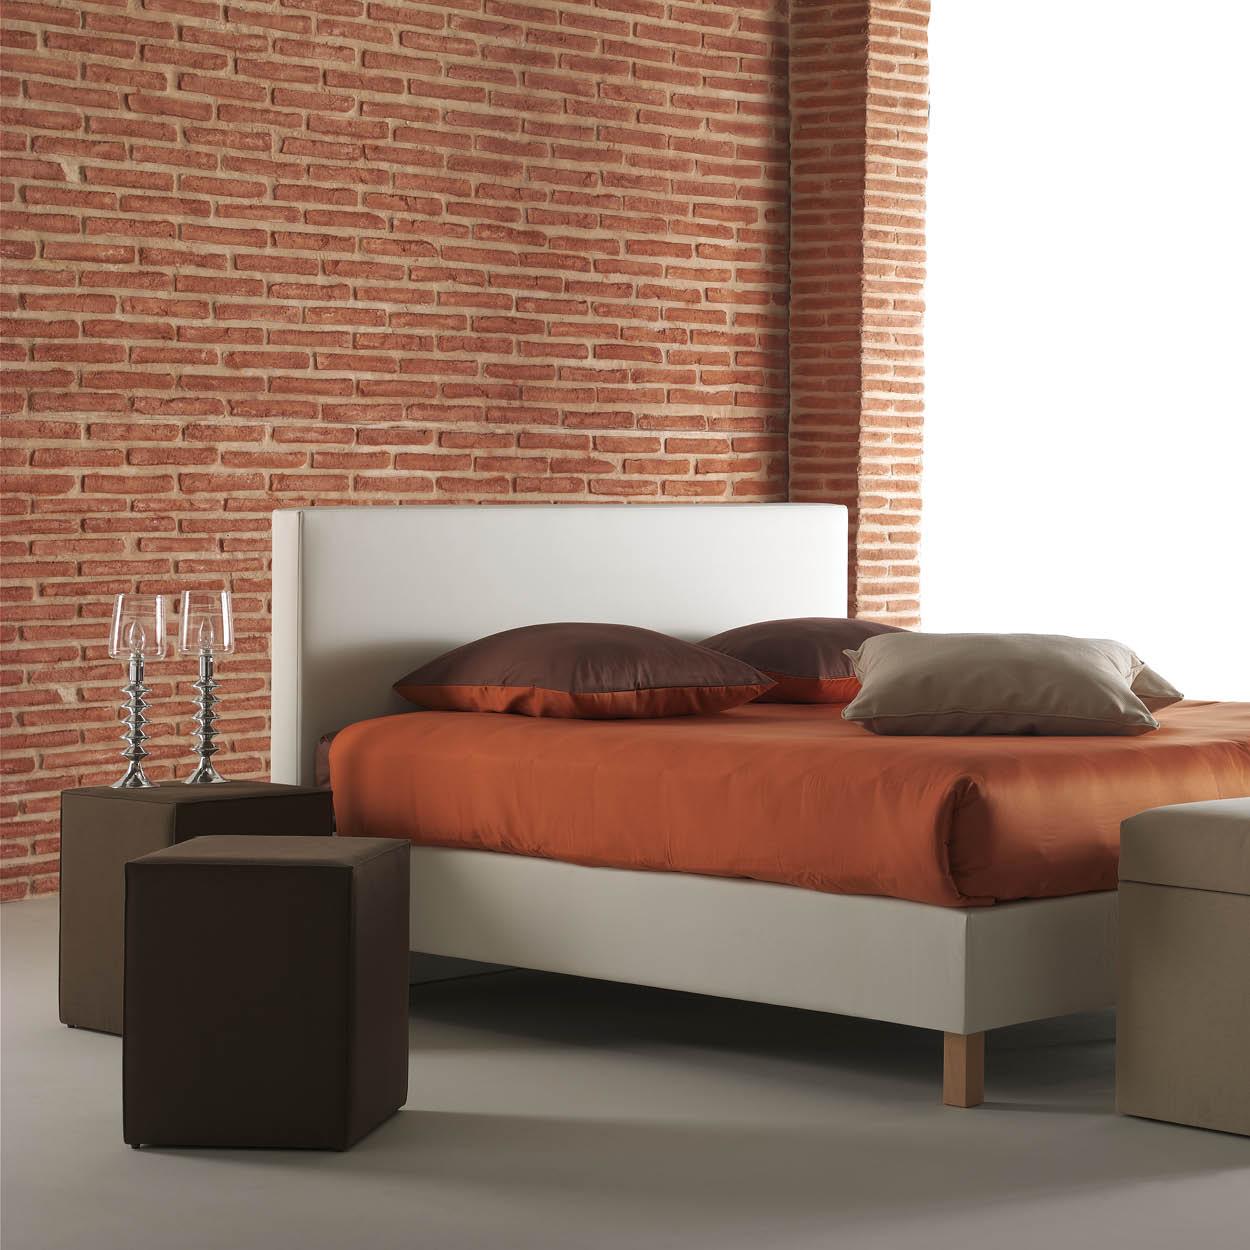 Escape Bedding Girona